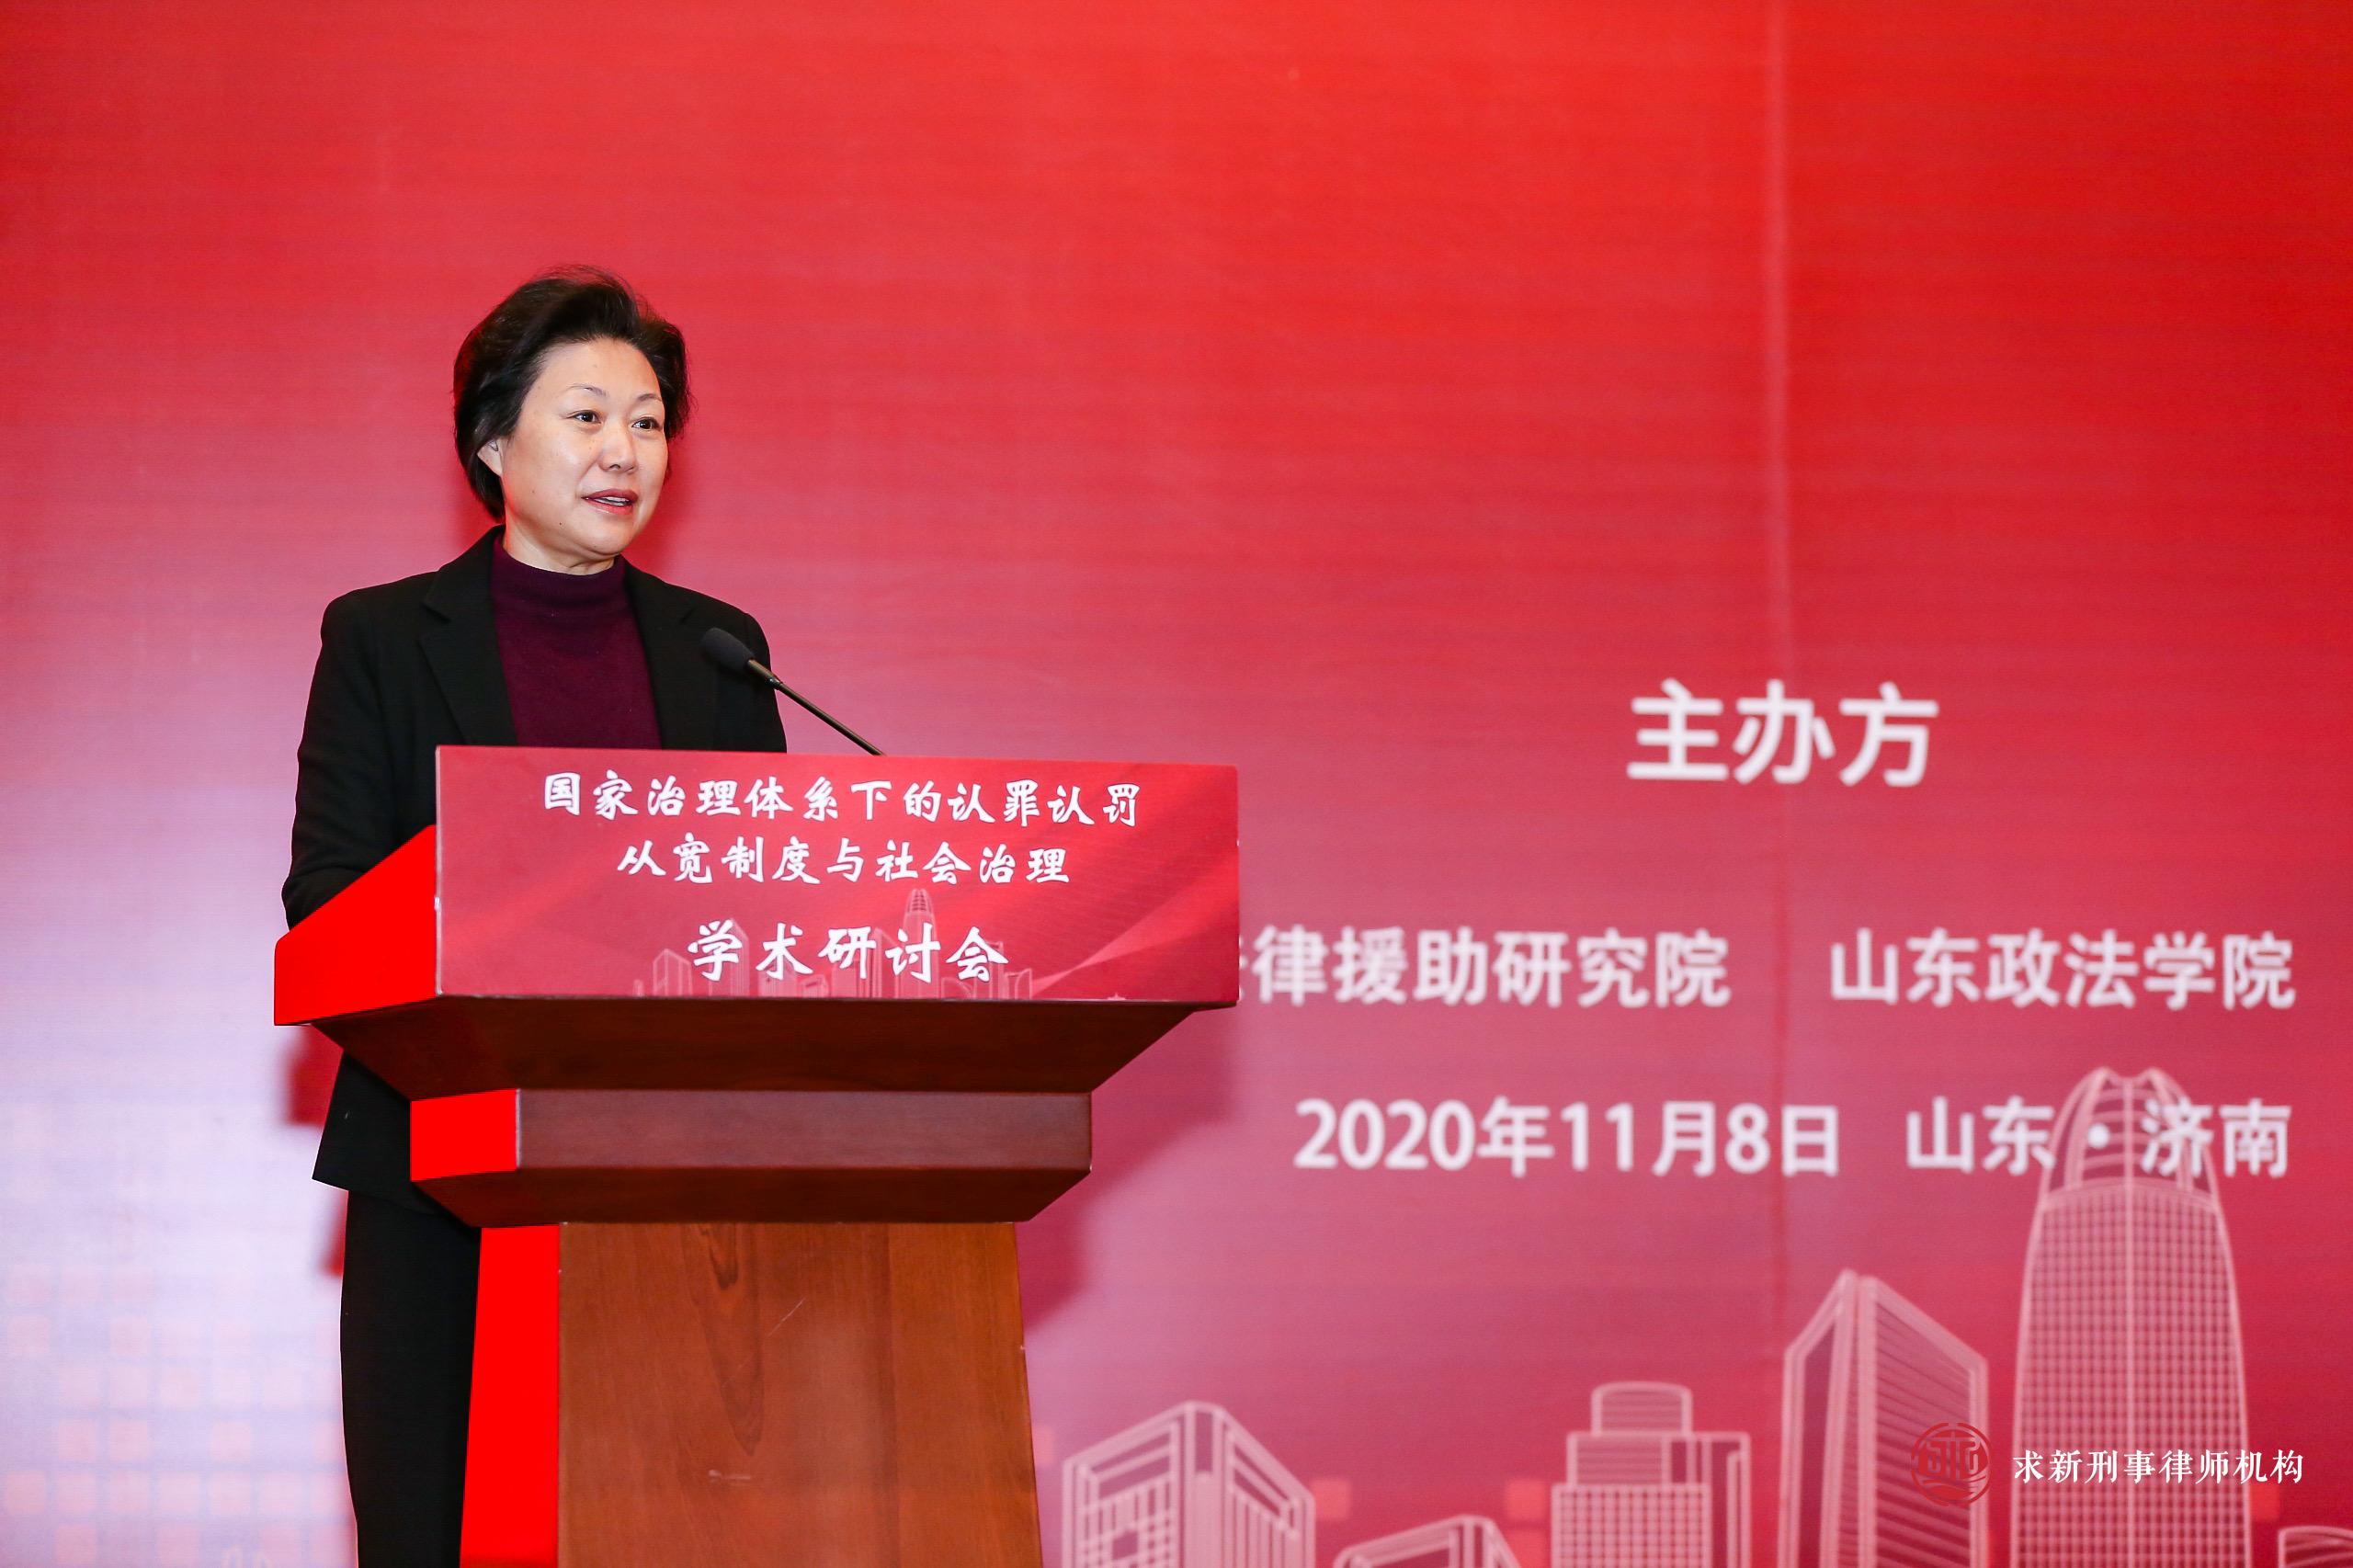 国家治理体系下的认罪认罚从宽制度与社会治理研讨会在济南举行